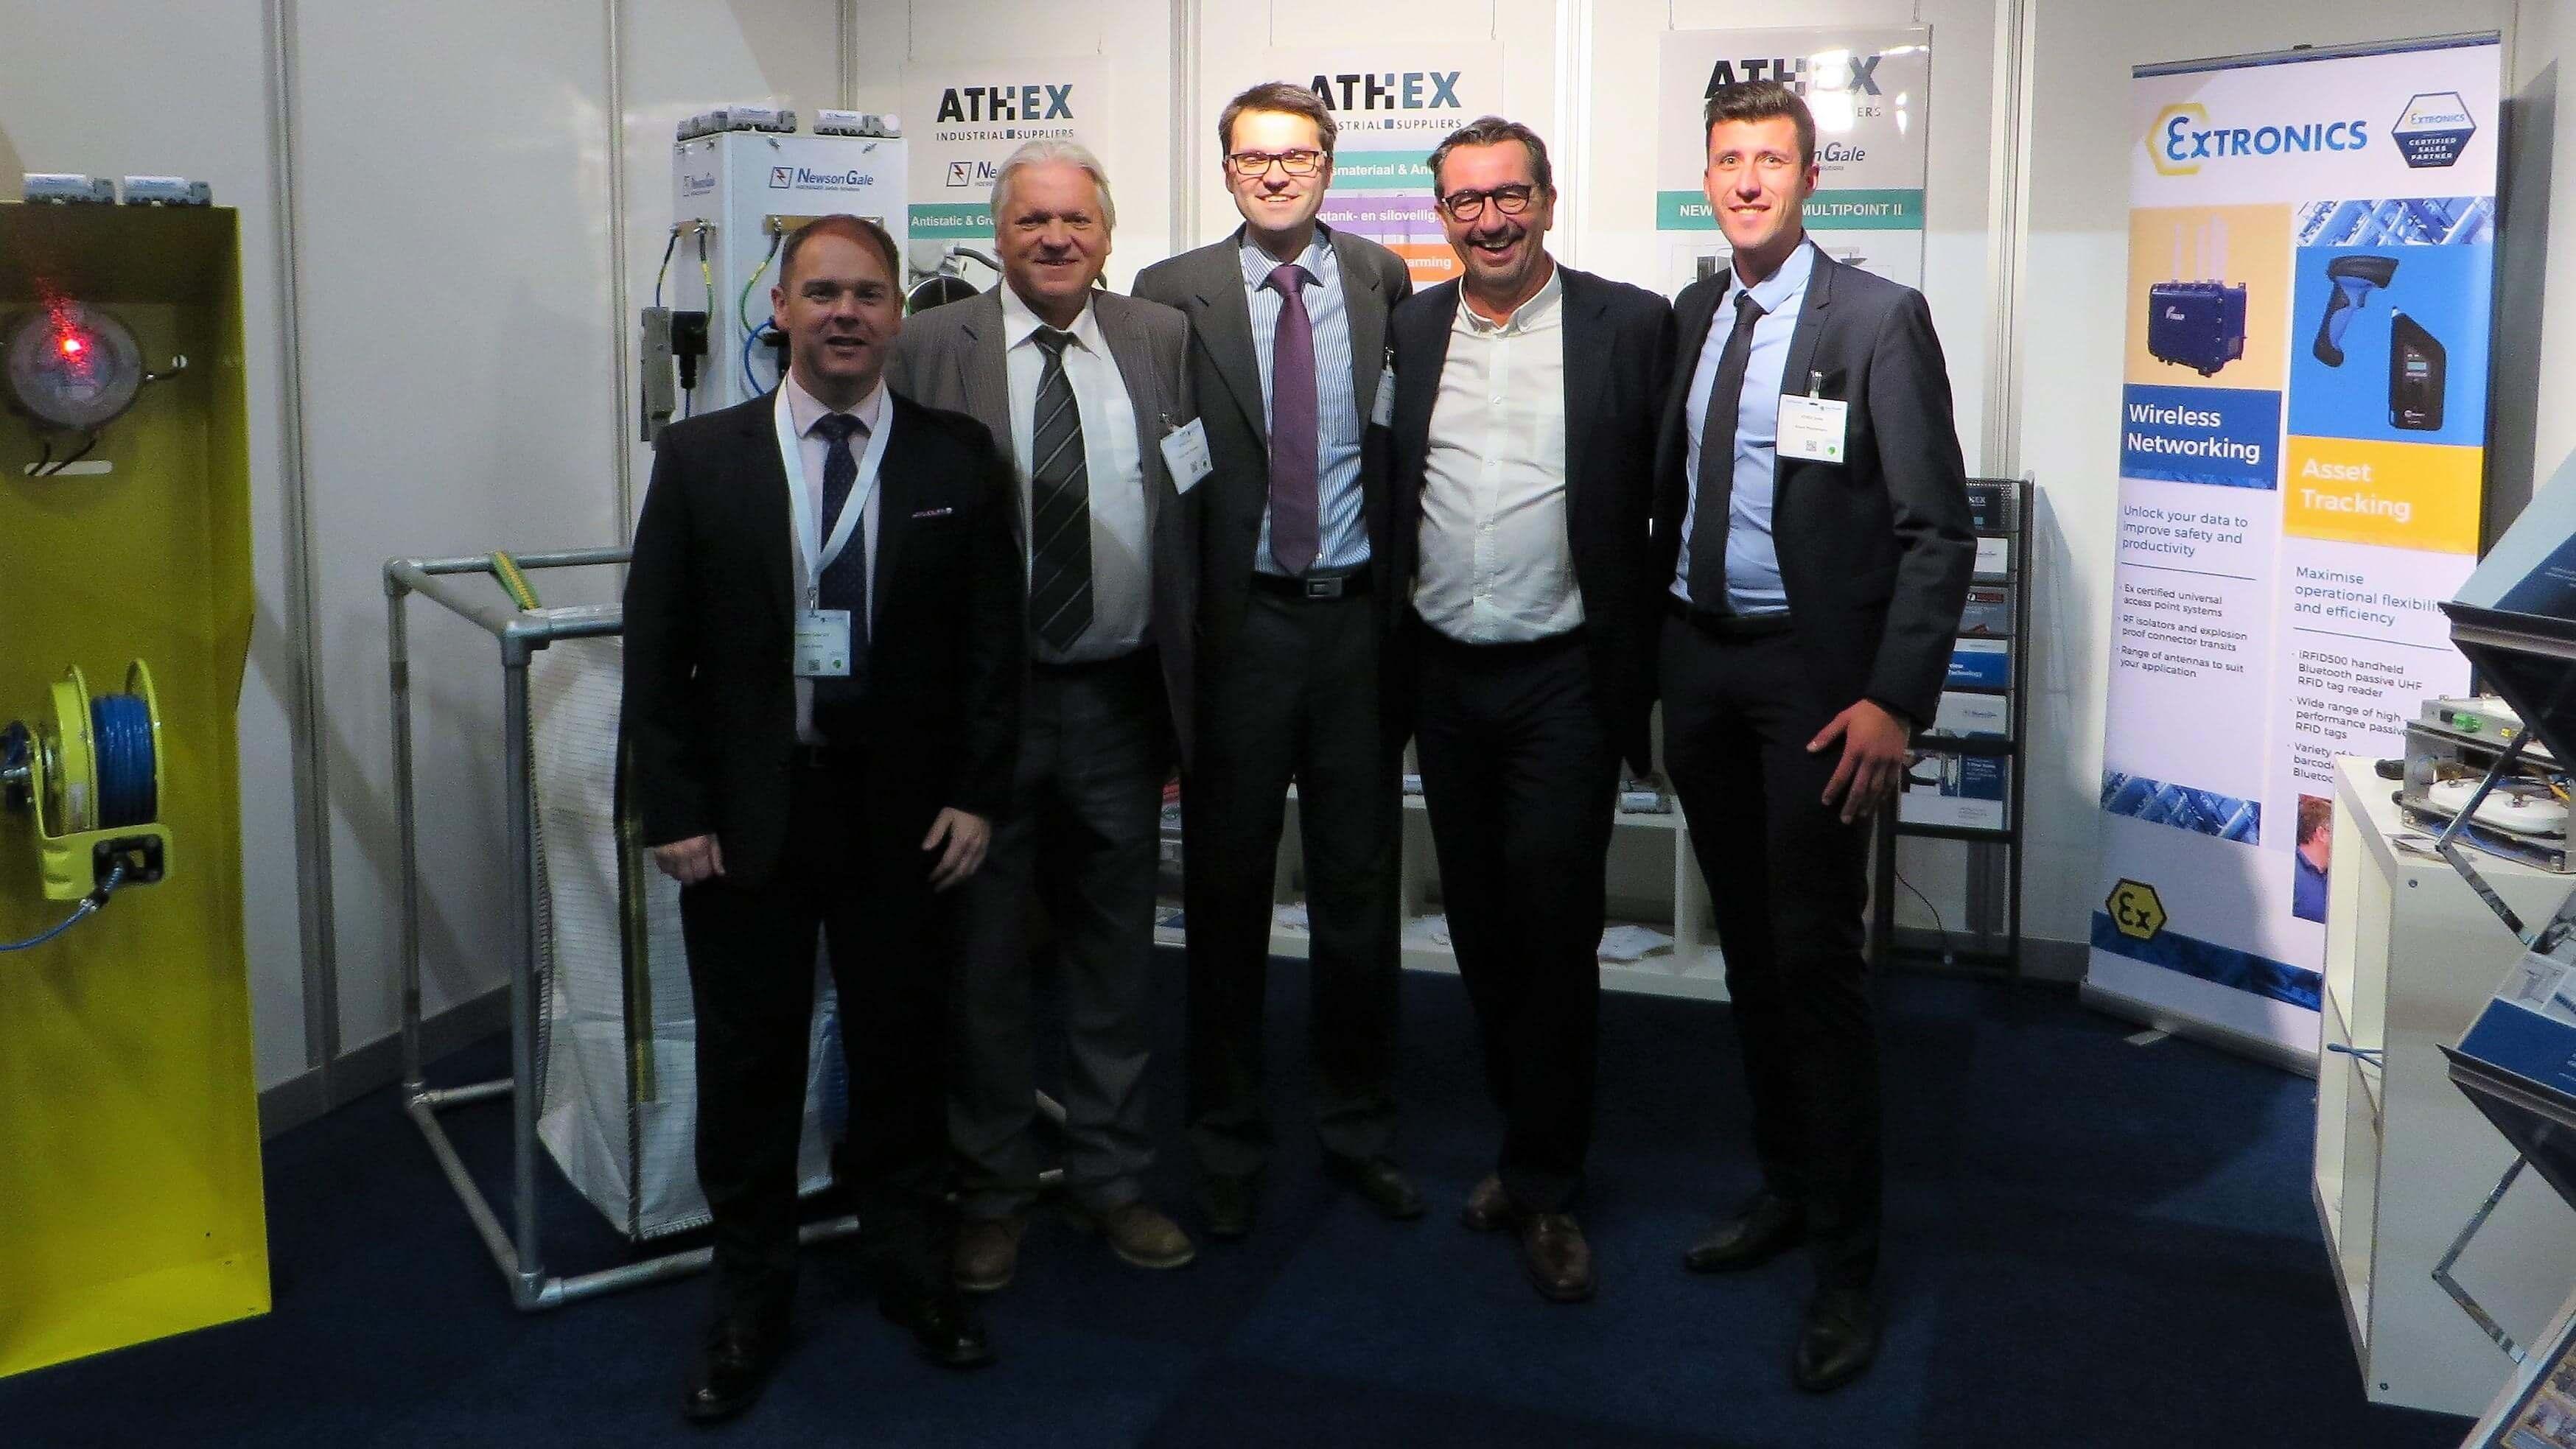 Bernd Neumann ATHEX Solids Rotterdam 2017